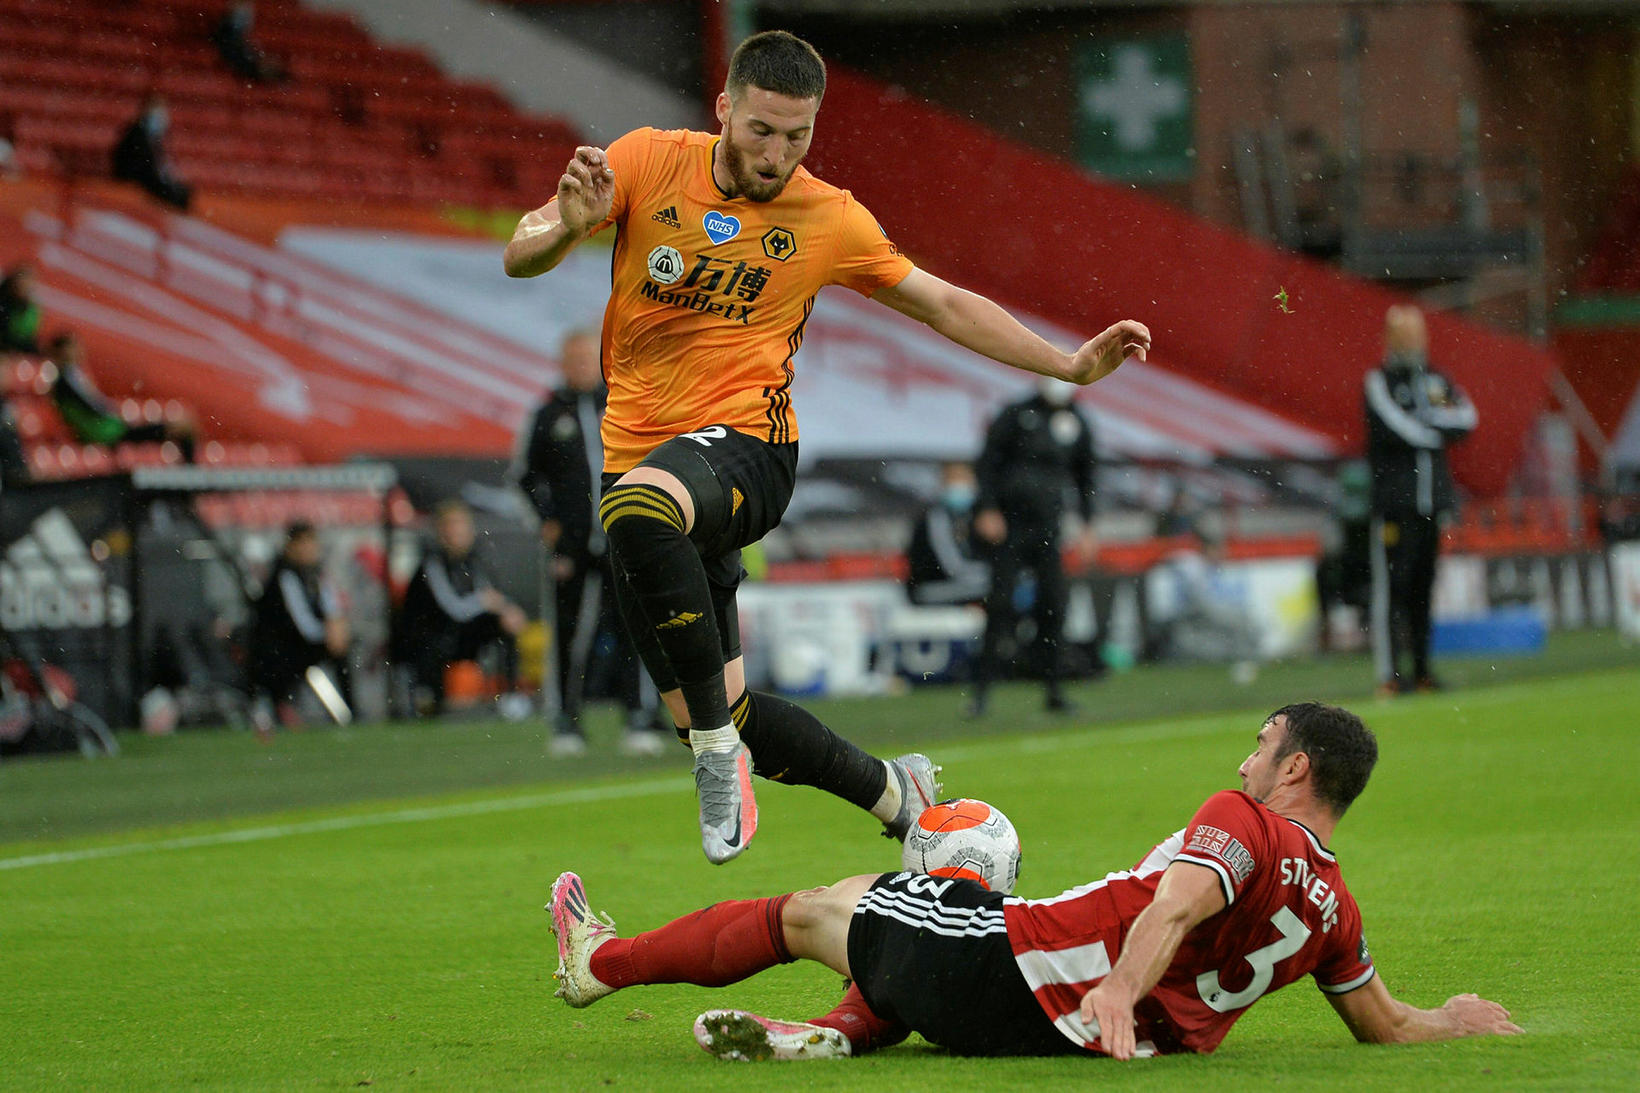 Írski varnarmaðurinn Matt Doherty er kominn til Tottenham frá Wolves …